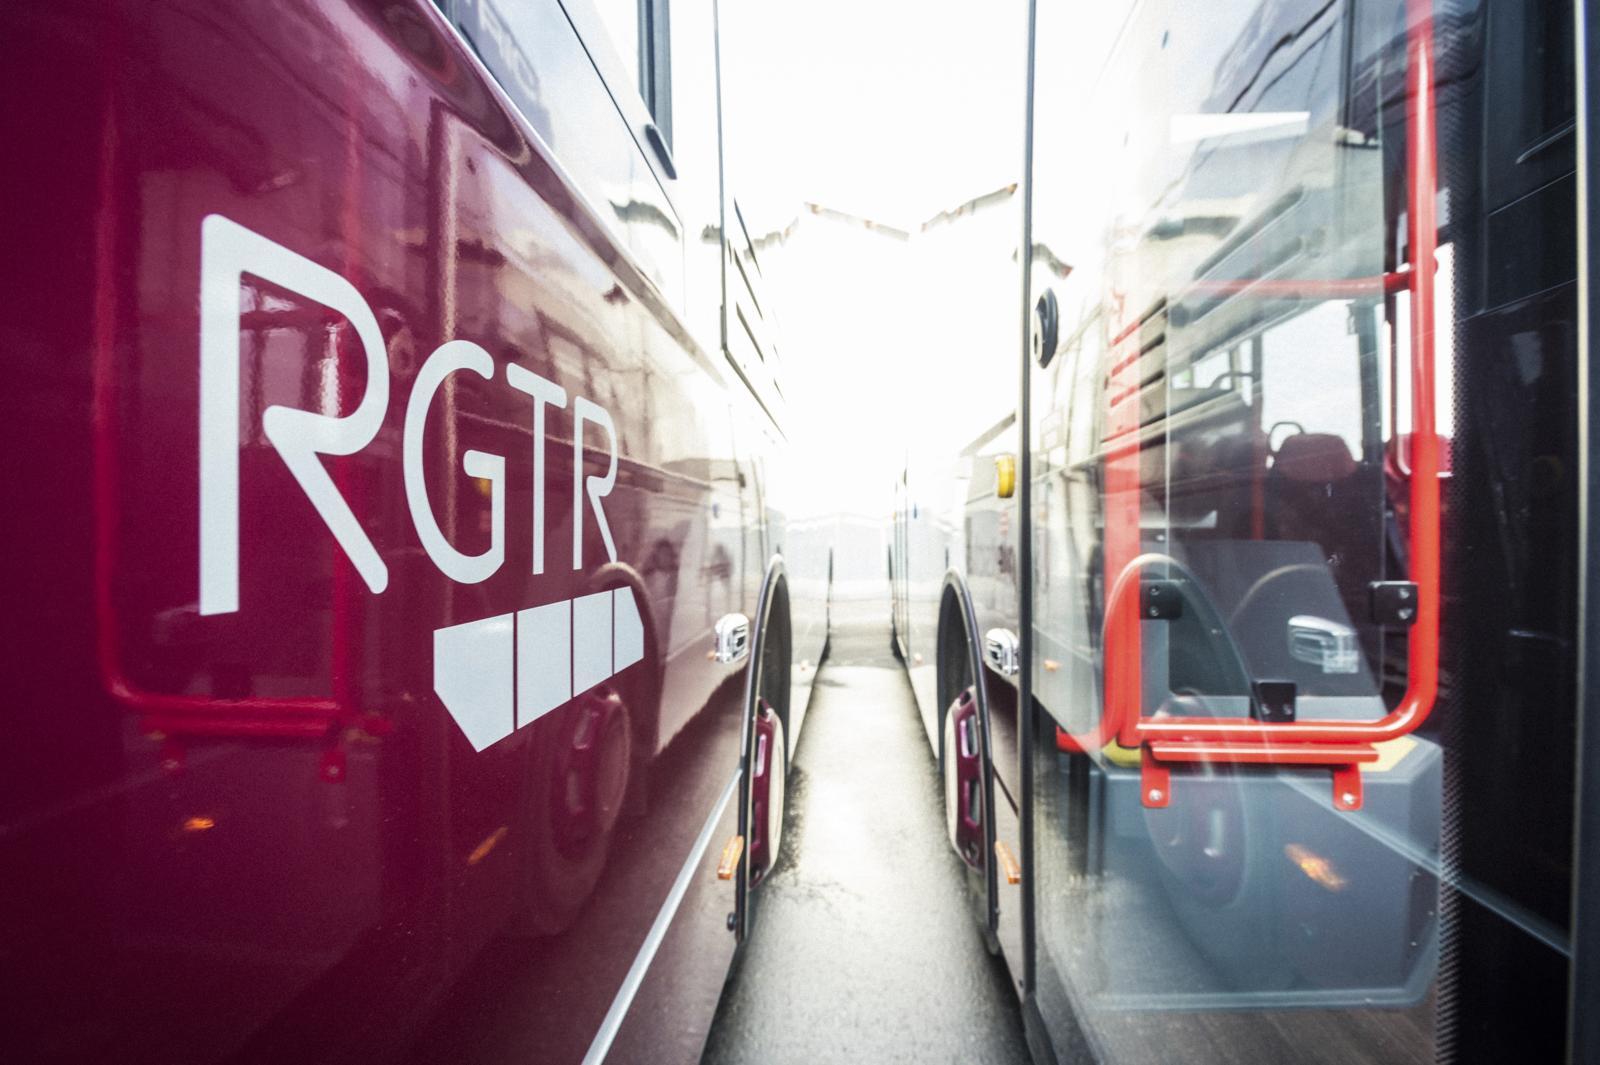 La prochaine ligne RGTR à être concernée sera la 290 entre Mersch et Luxembourg. Mais uniquement avec les véhicules de Voyages Ecker, société qui appartient au groupe Emile Weber. (Photo: Mike Zenari)